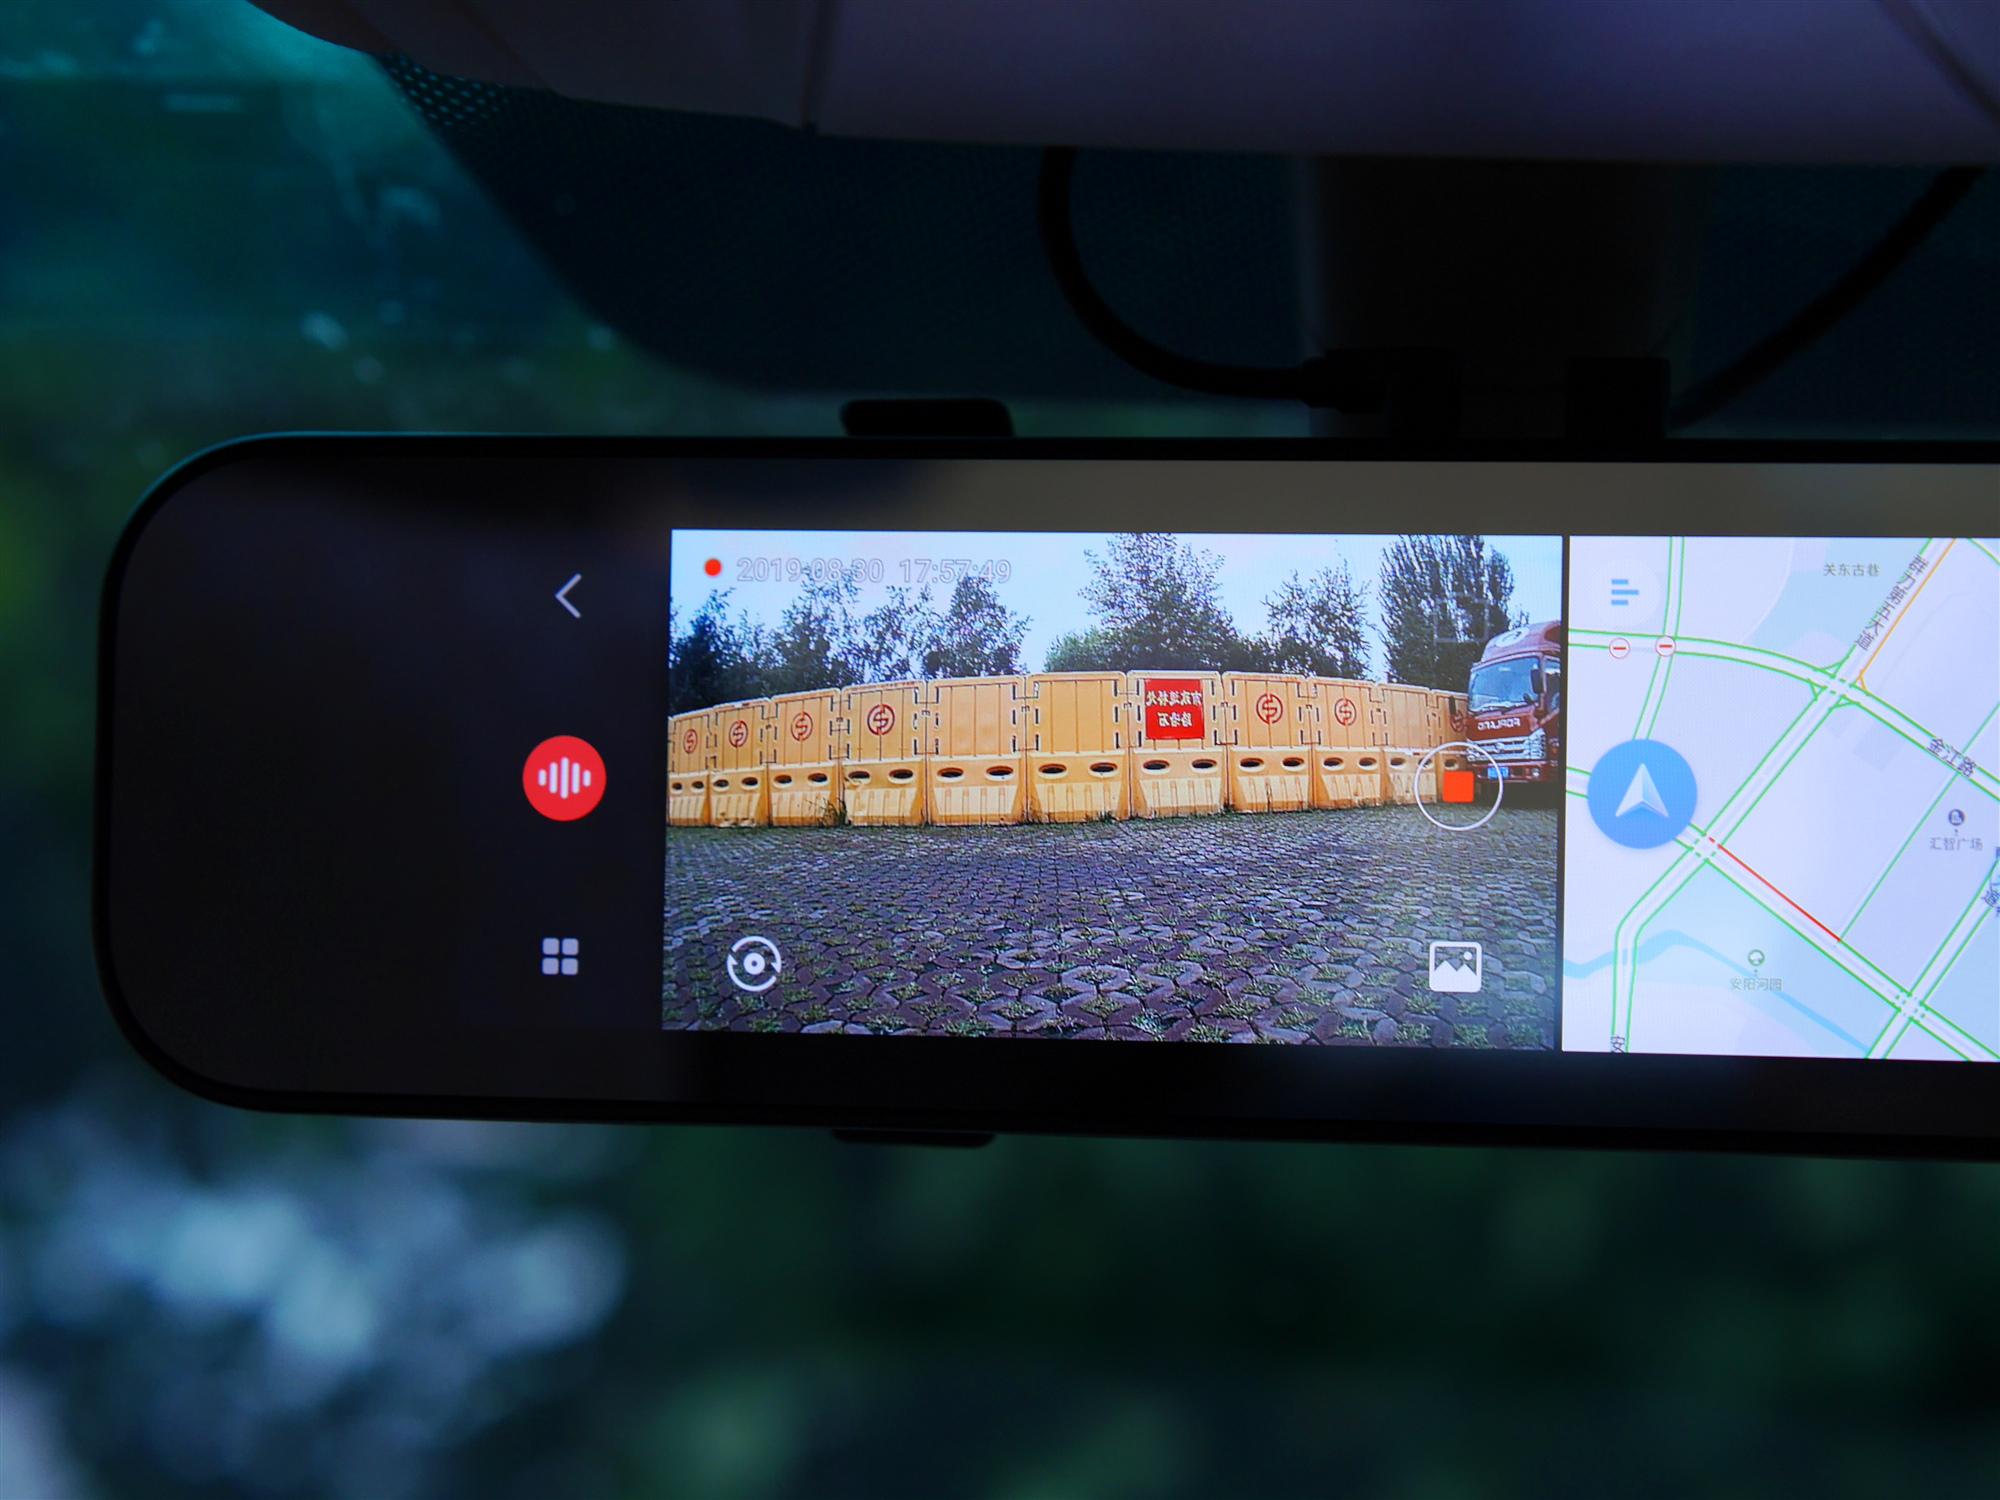 小米推出一分二双屏后视镜,独立控制互不干扰